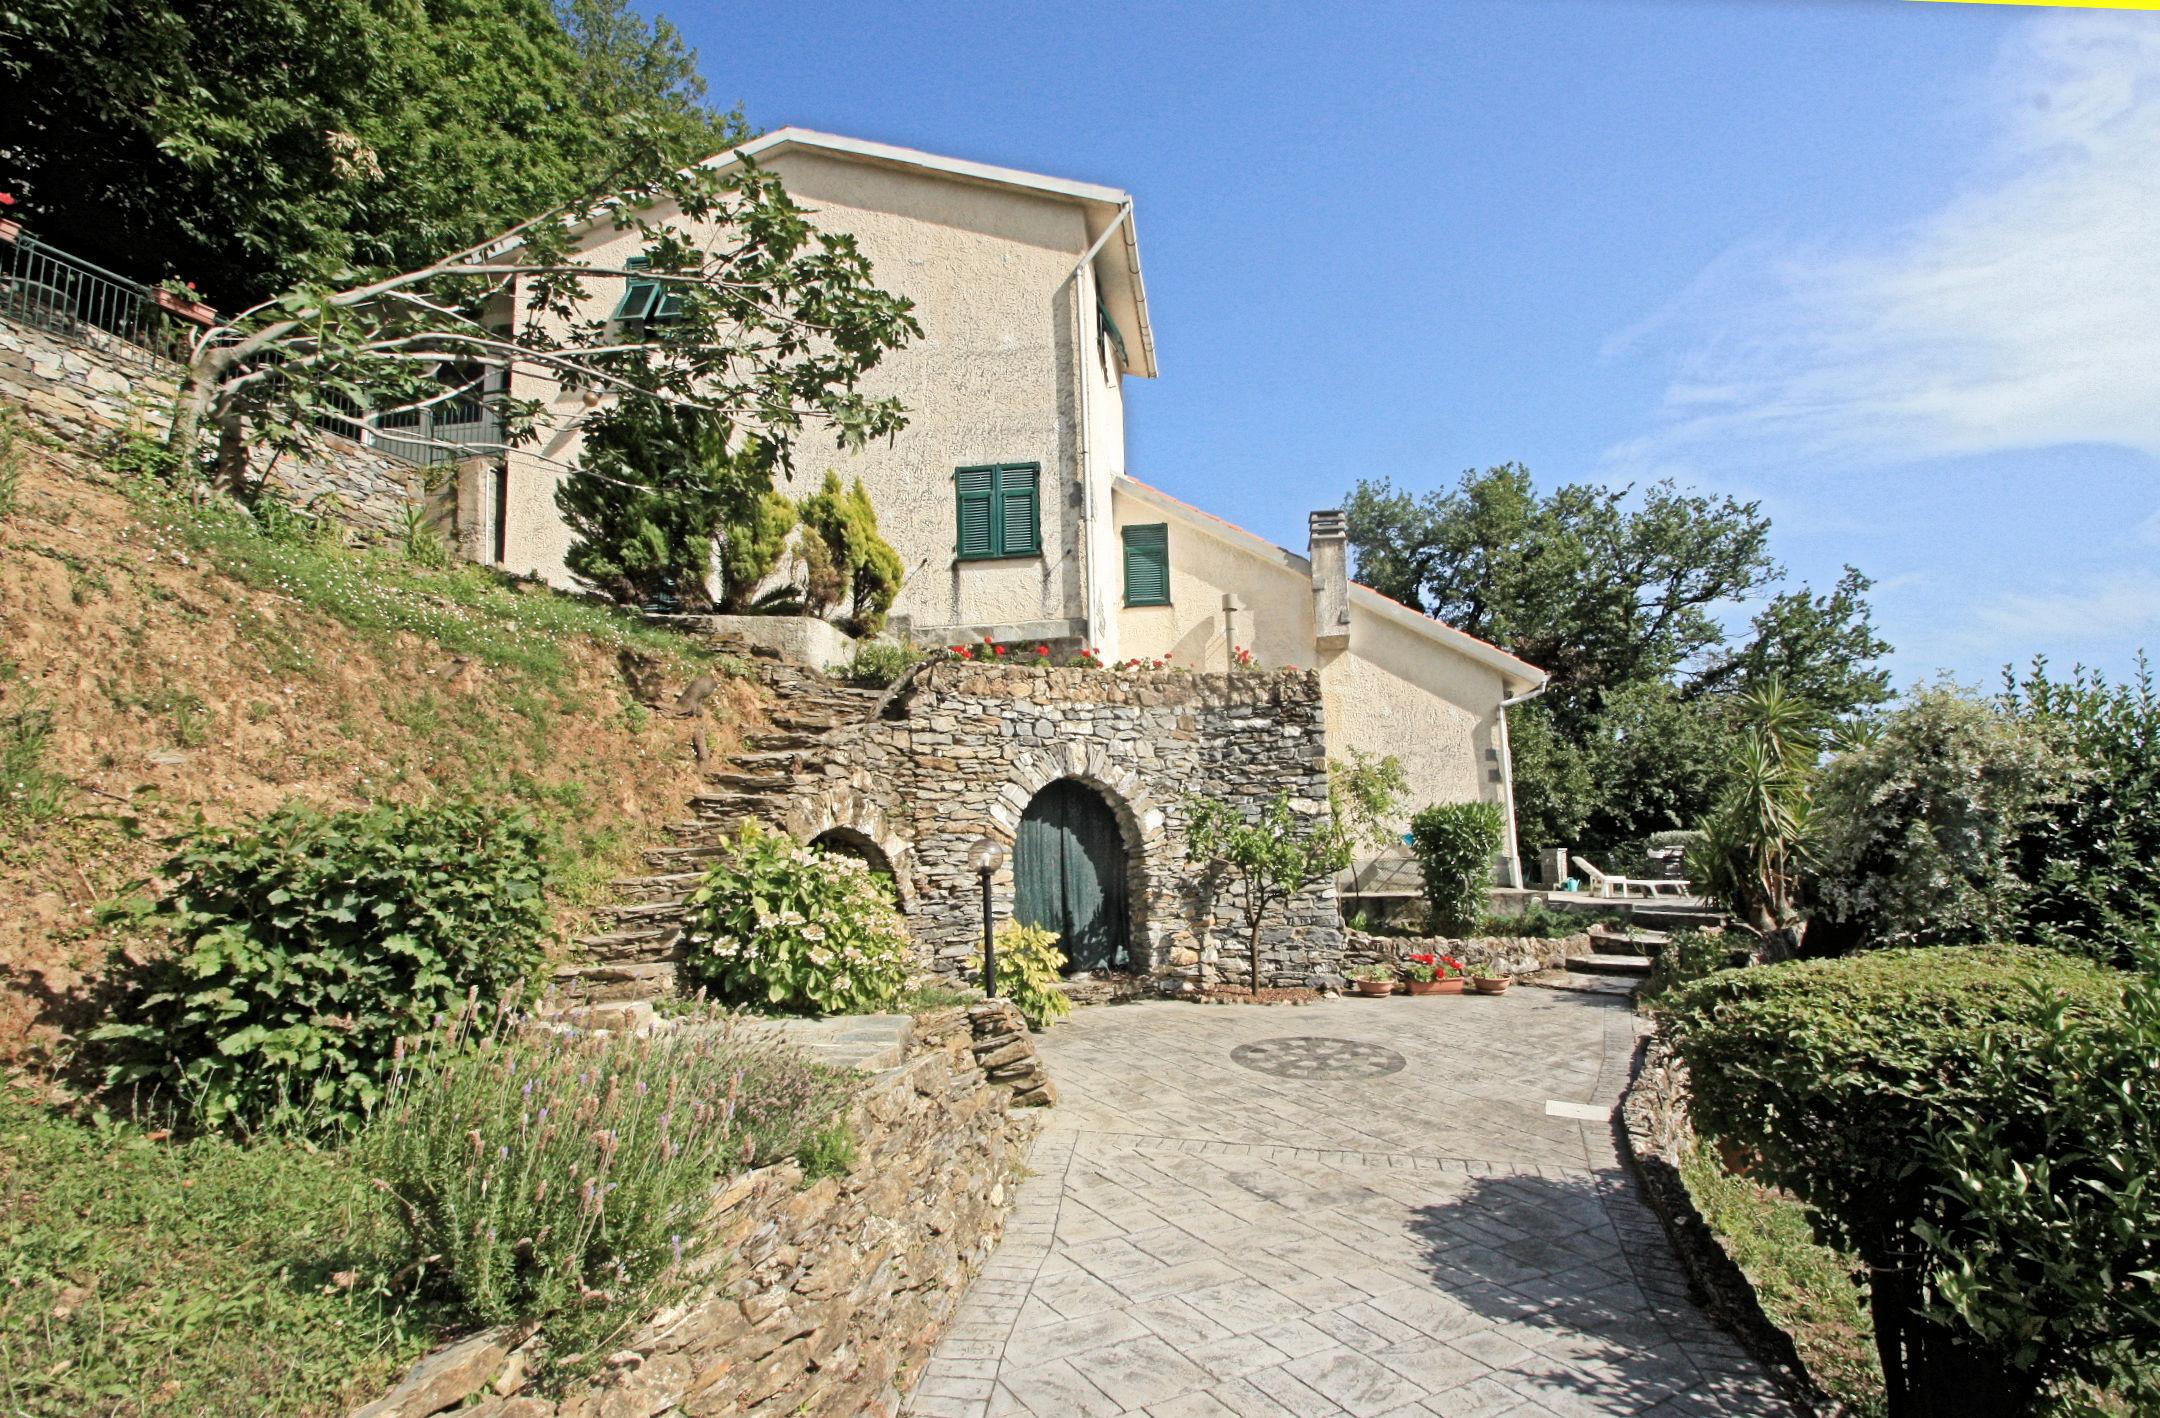 Codice 55 case villa o casa indipendente in vendita a avegno immobiliare il perimetro - Valutazione immobile casa it ...